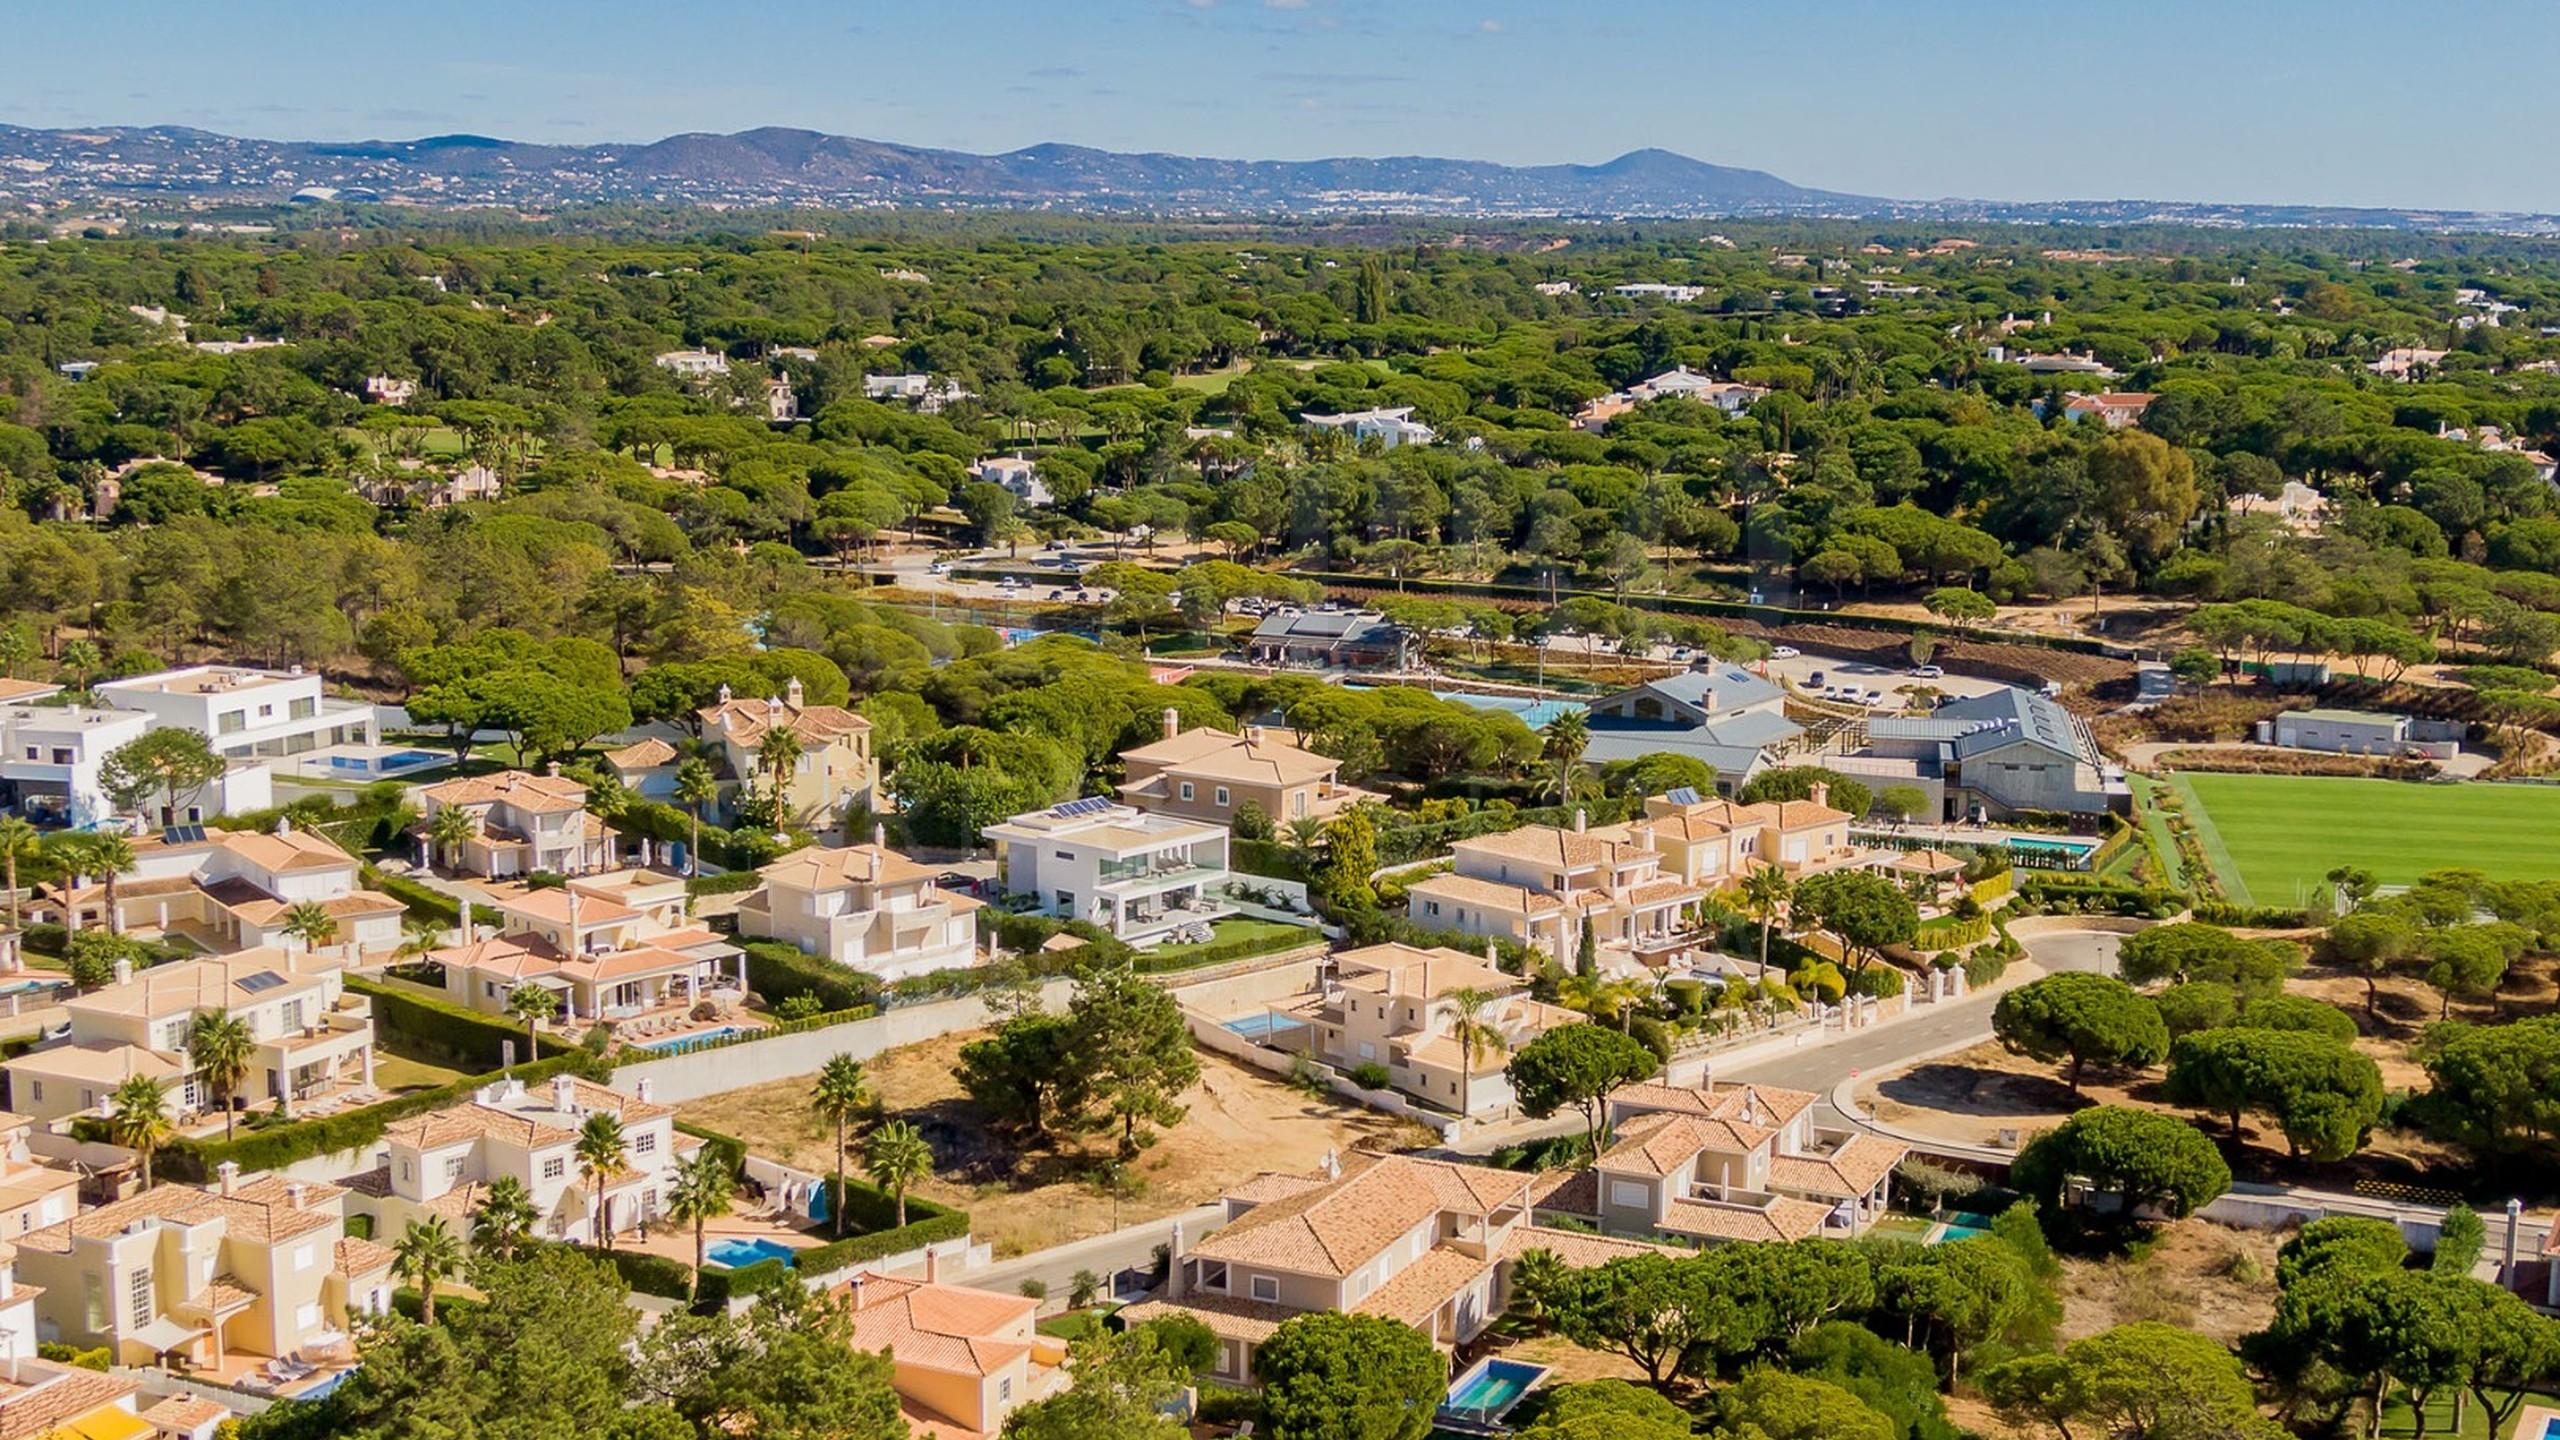 Terrain près de Quinta do Lago et Vale do Lobo à vendre